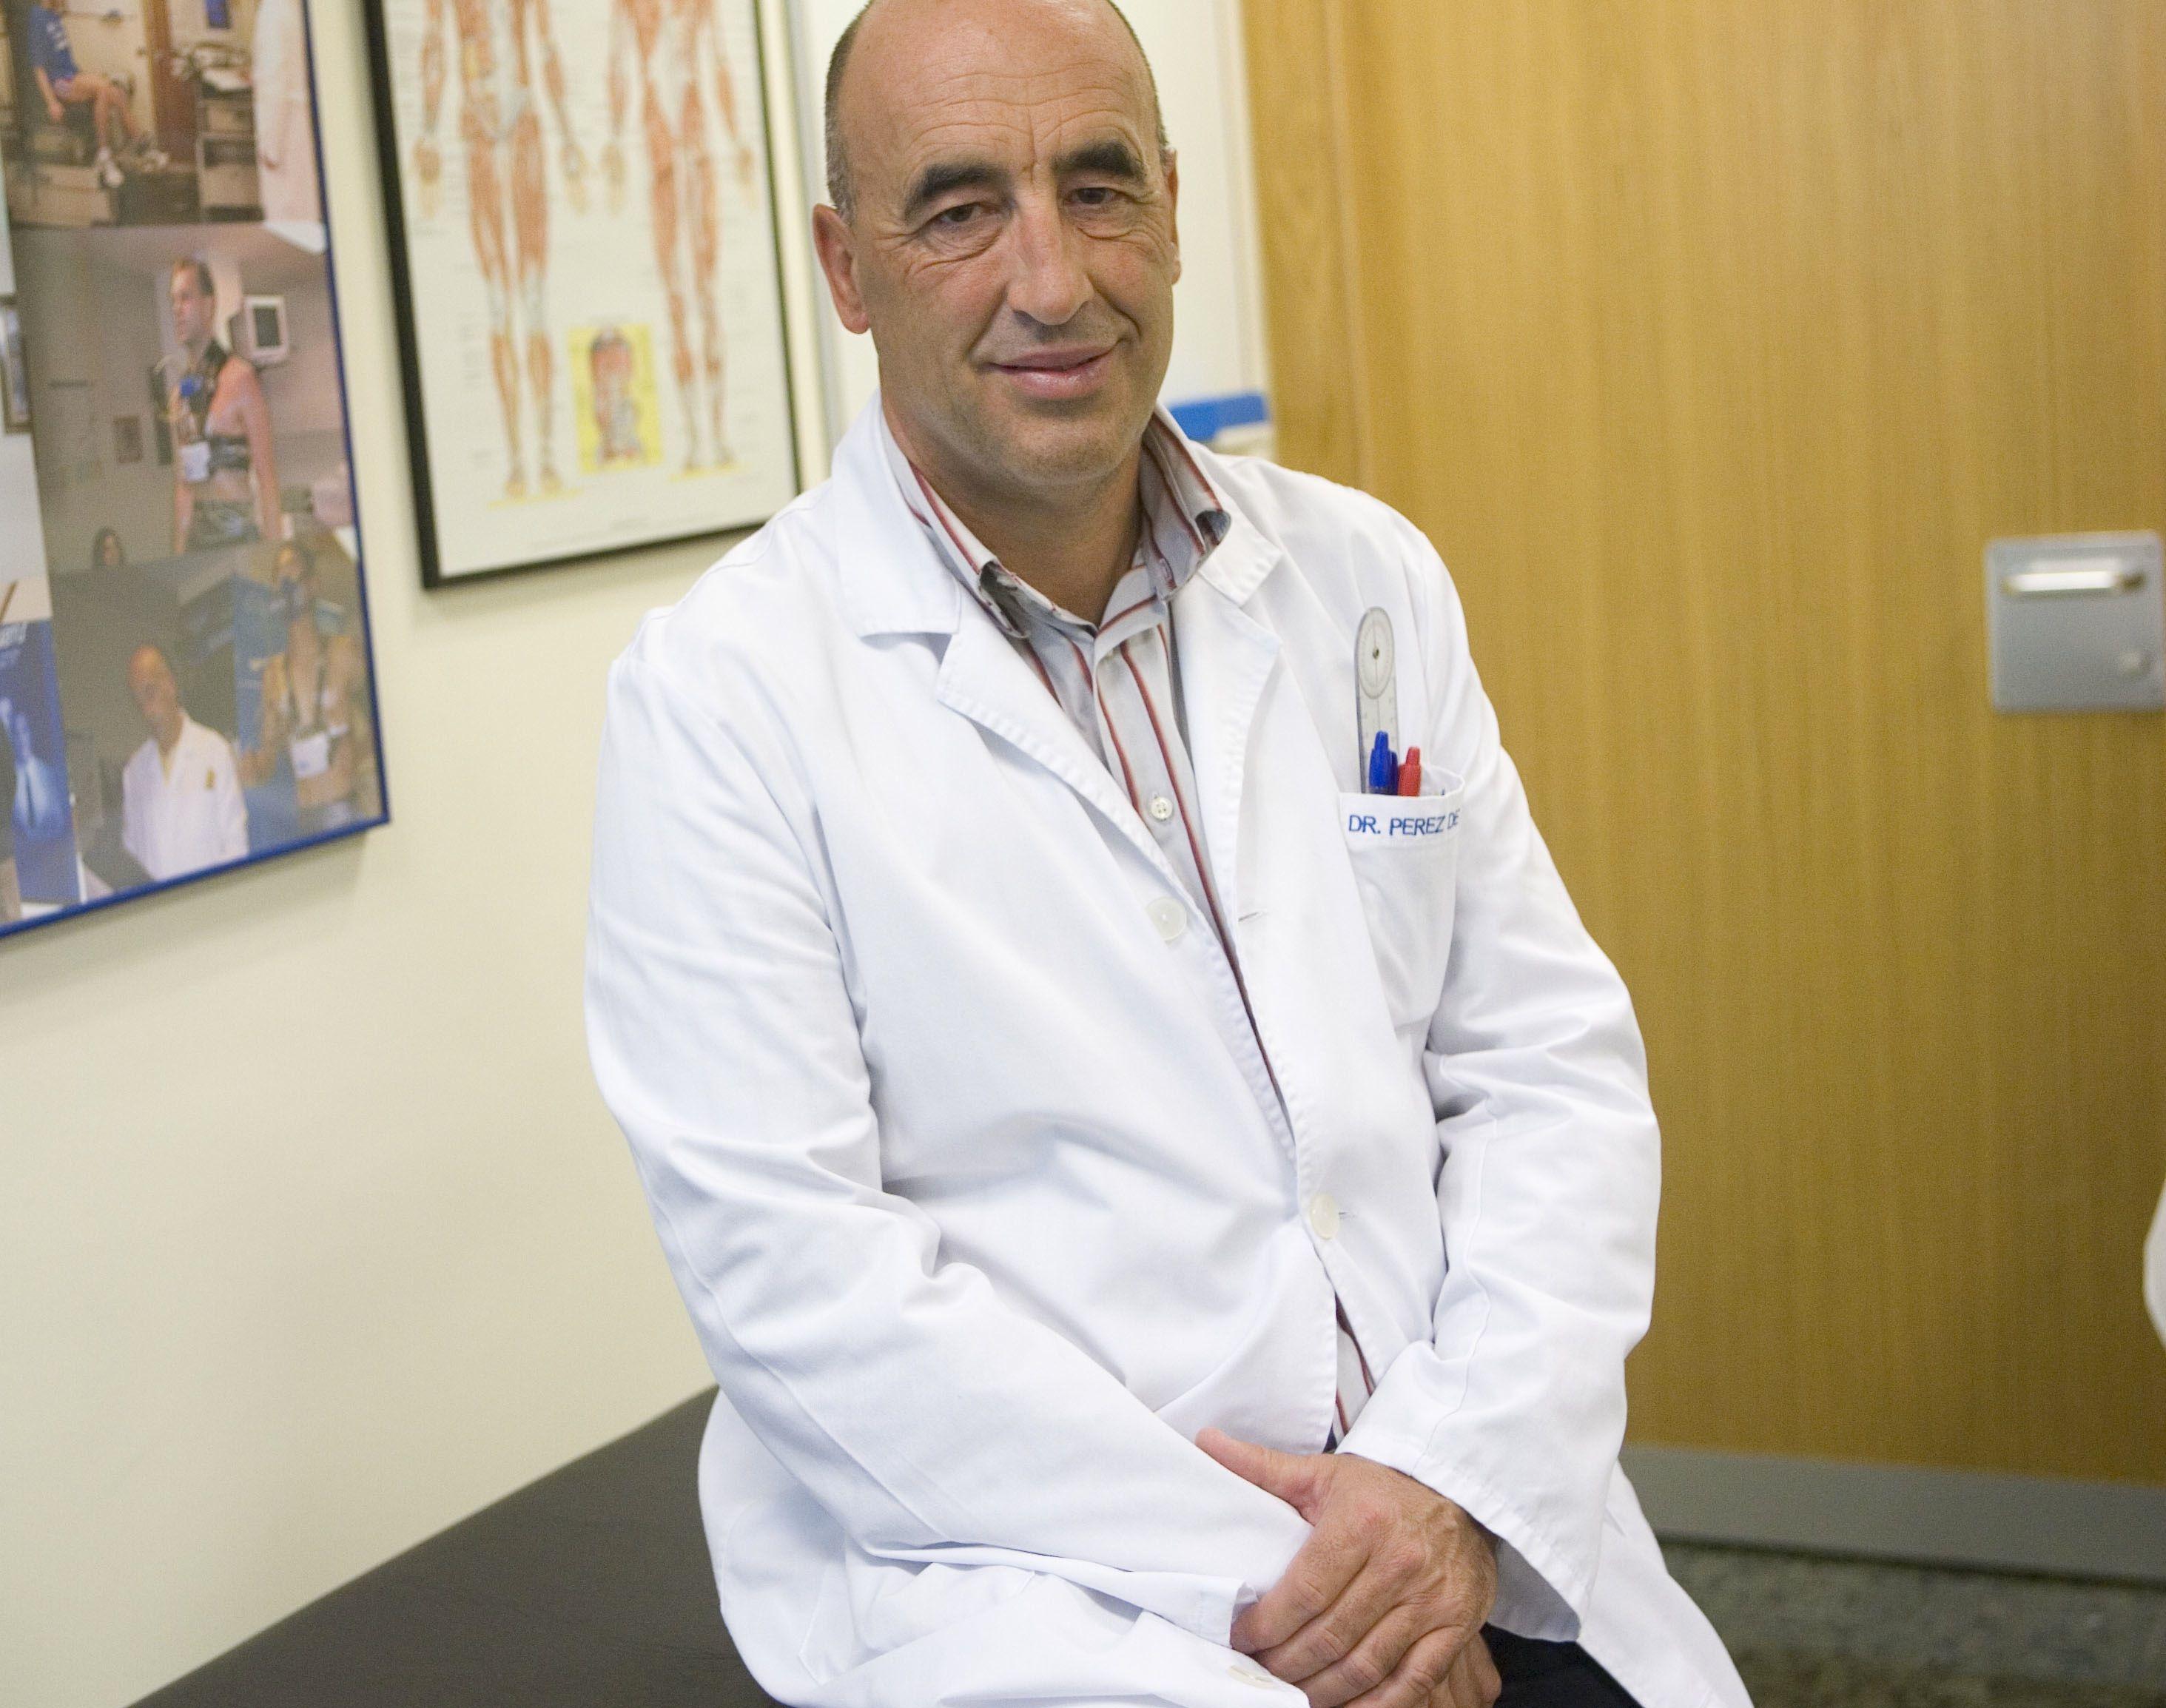 Foto de Enrique Pérez de Ayala, Jefe del Servicio de Medicina